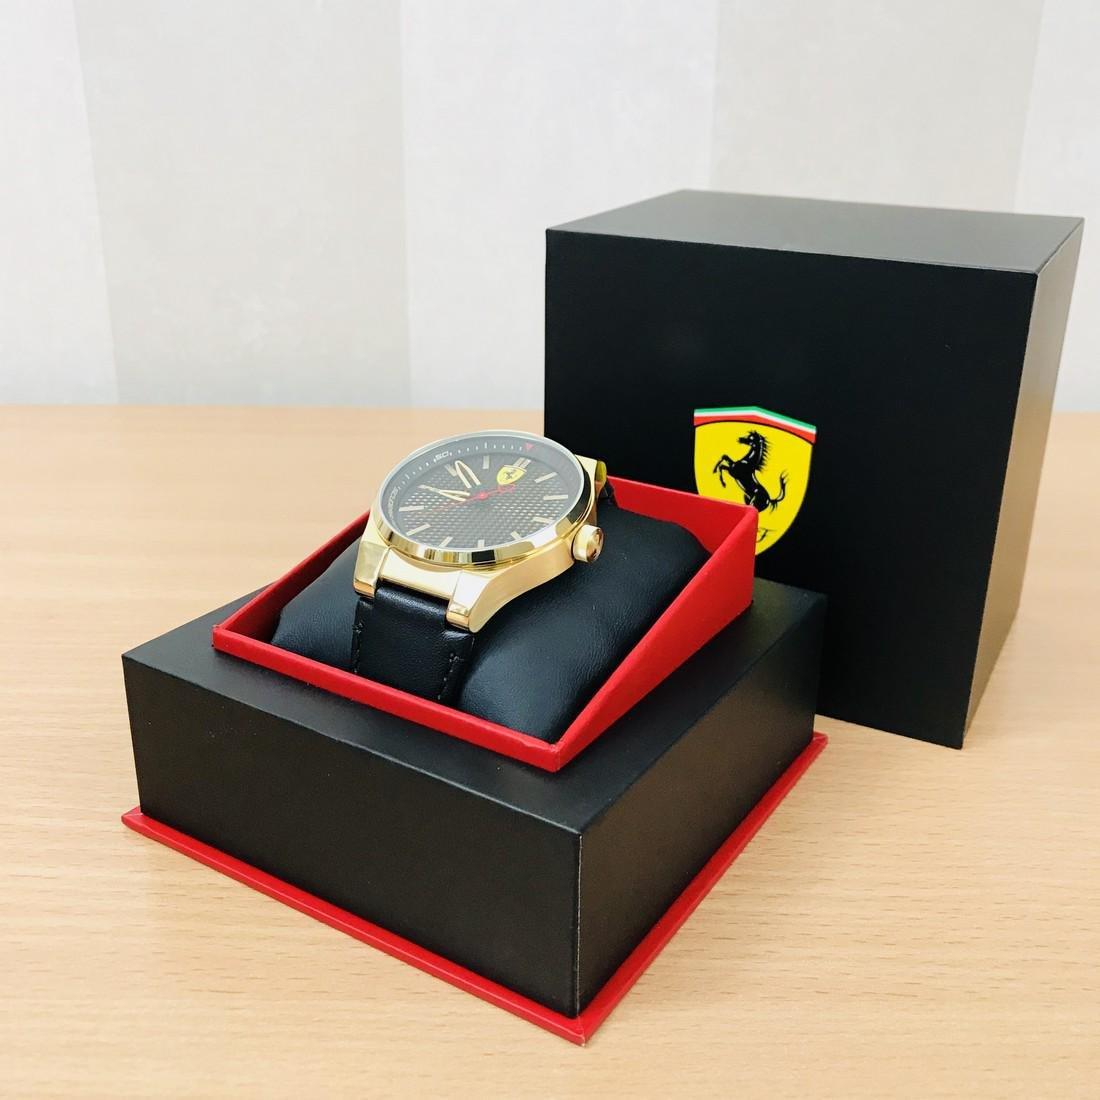 Scuderia Ferrari – SPECIALE Men's Gold Plated Watch - 3